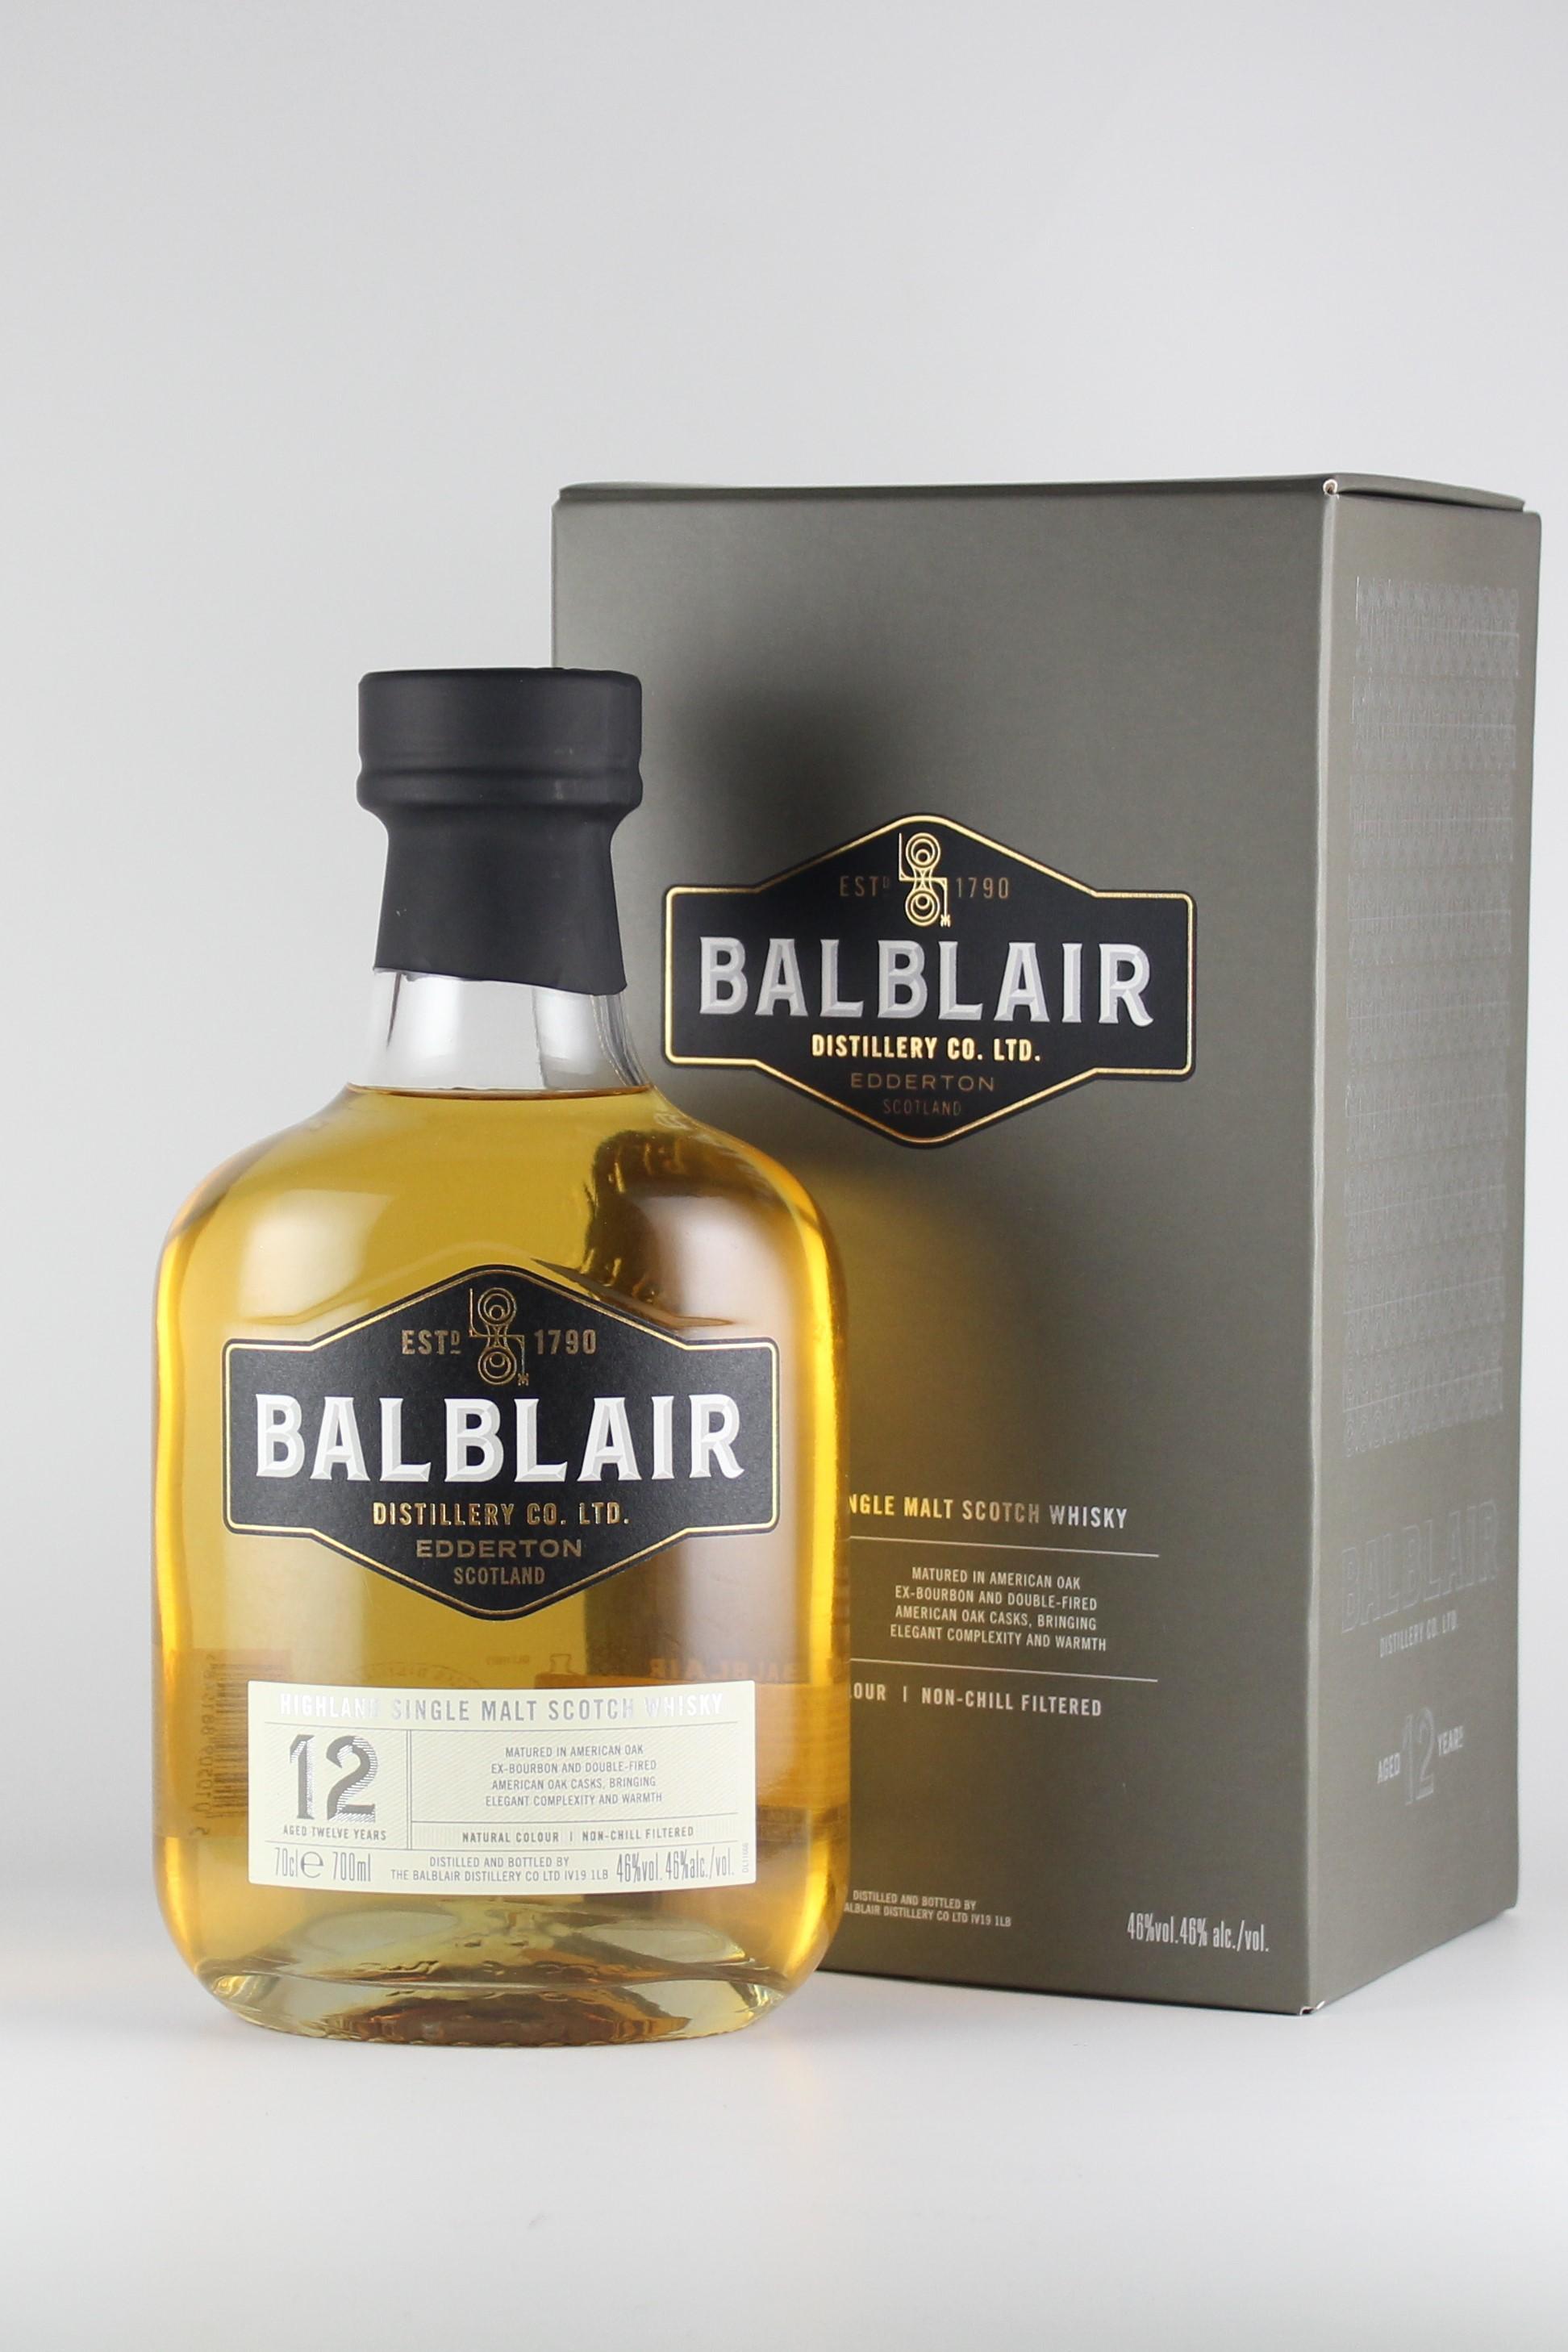 シングルモルト バルブレア 12年 46度 700ml 【スコットランド/バルブレア蒸留所】